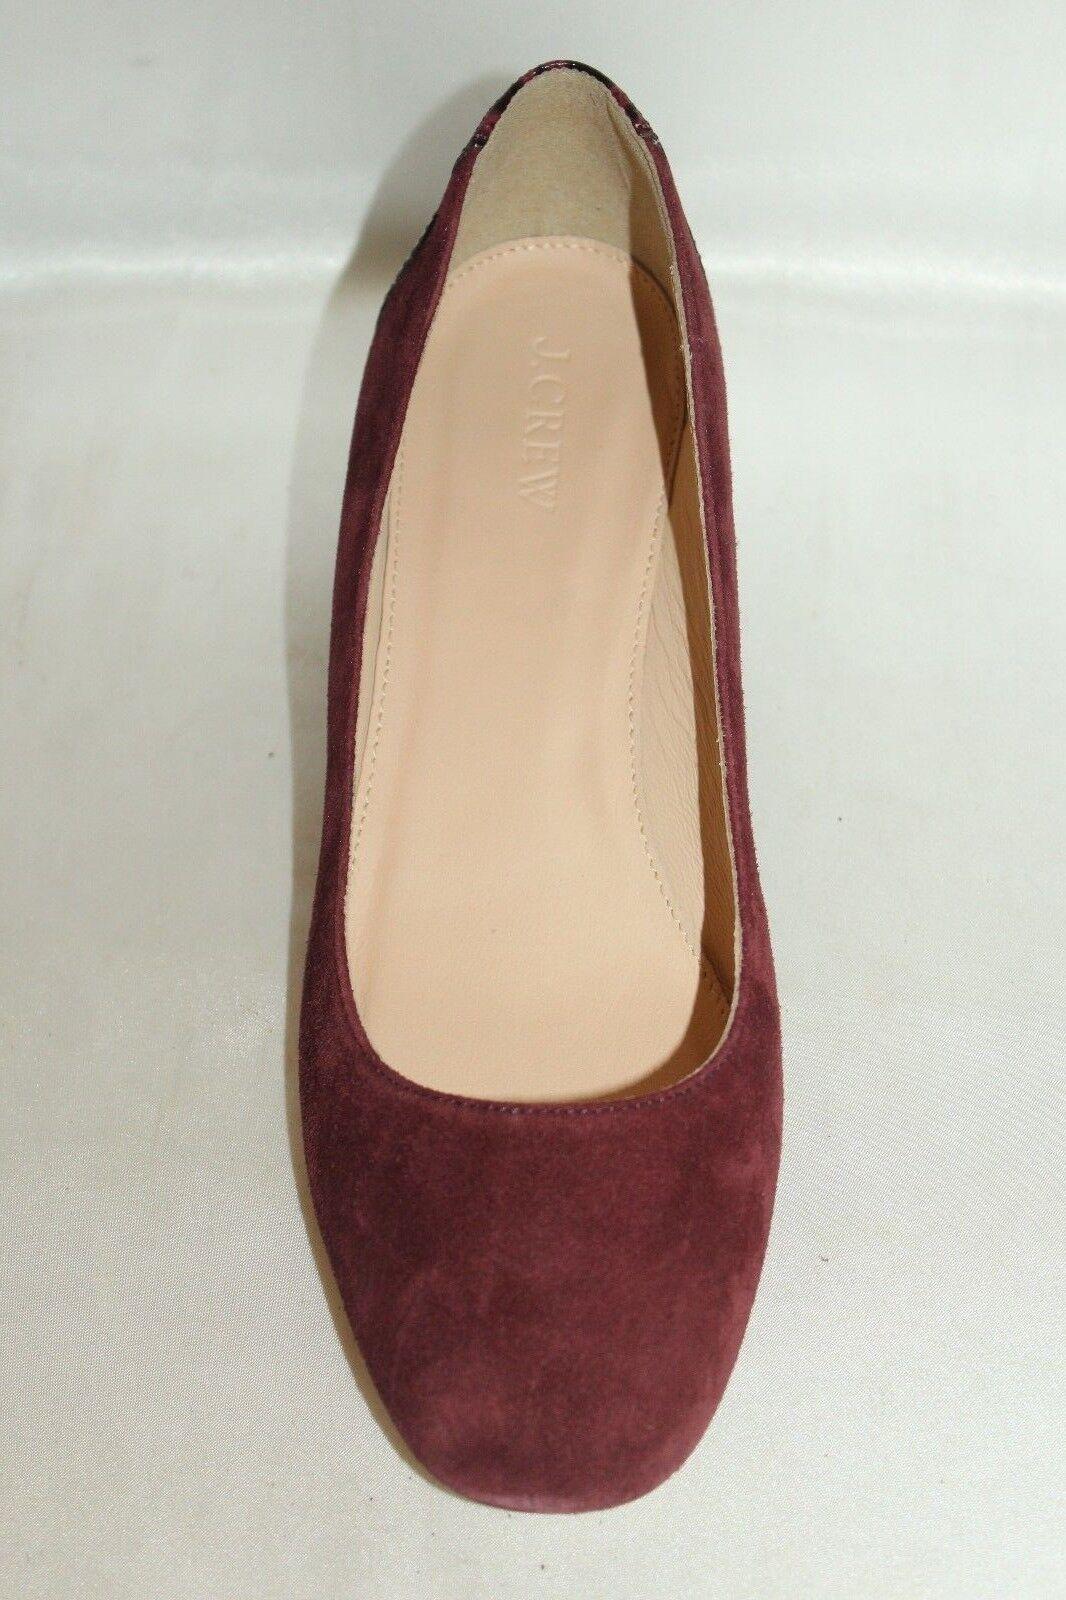 NEW! J CREW Wine Suede & Croc Croc & Pelle Low Heel Classic Pumps Heels 8  219 3a712e